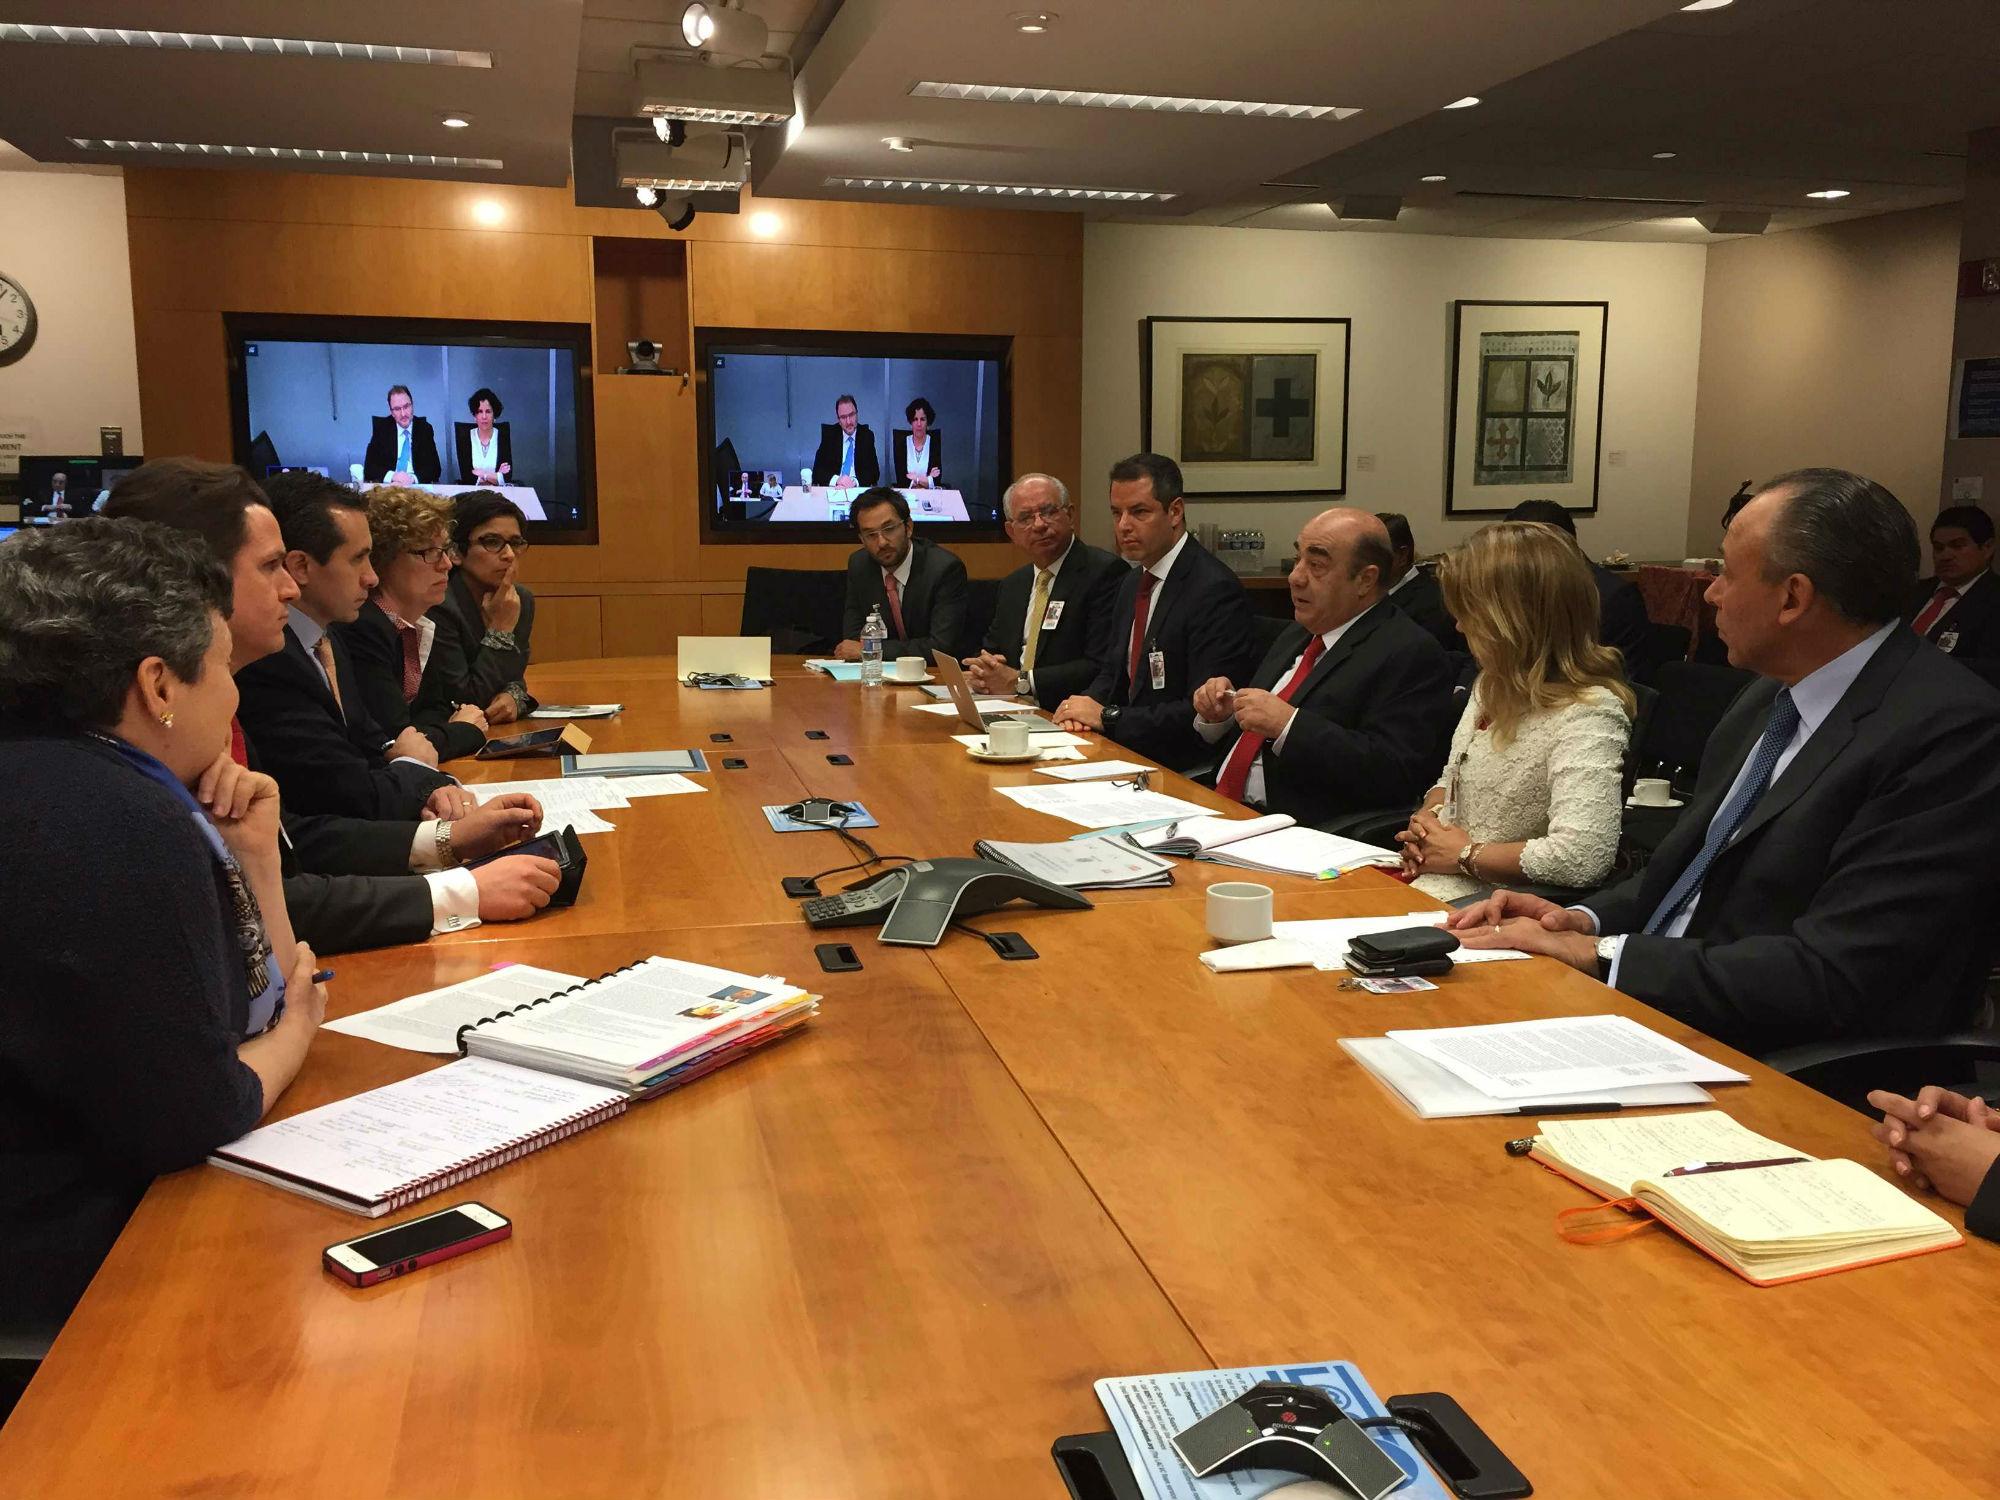 El titular de la SEDATU, Jesús Murillo Karam, sostuvo sendas reuniones con funcionarios de ambos organismos internacionales en Washington, EU.